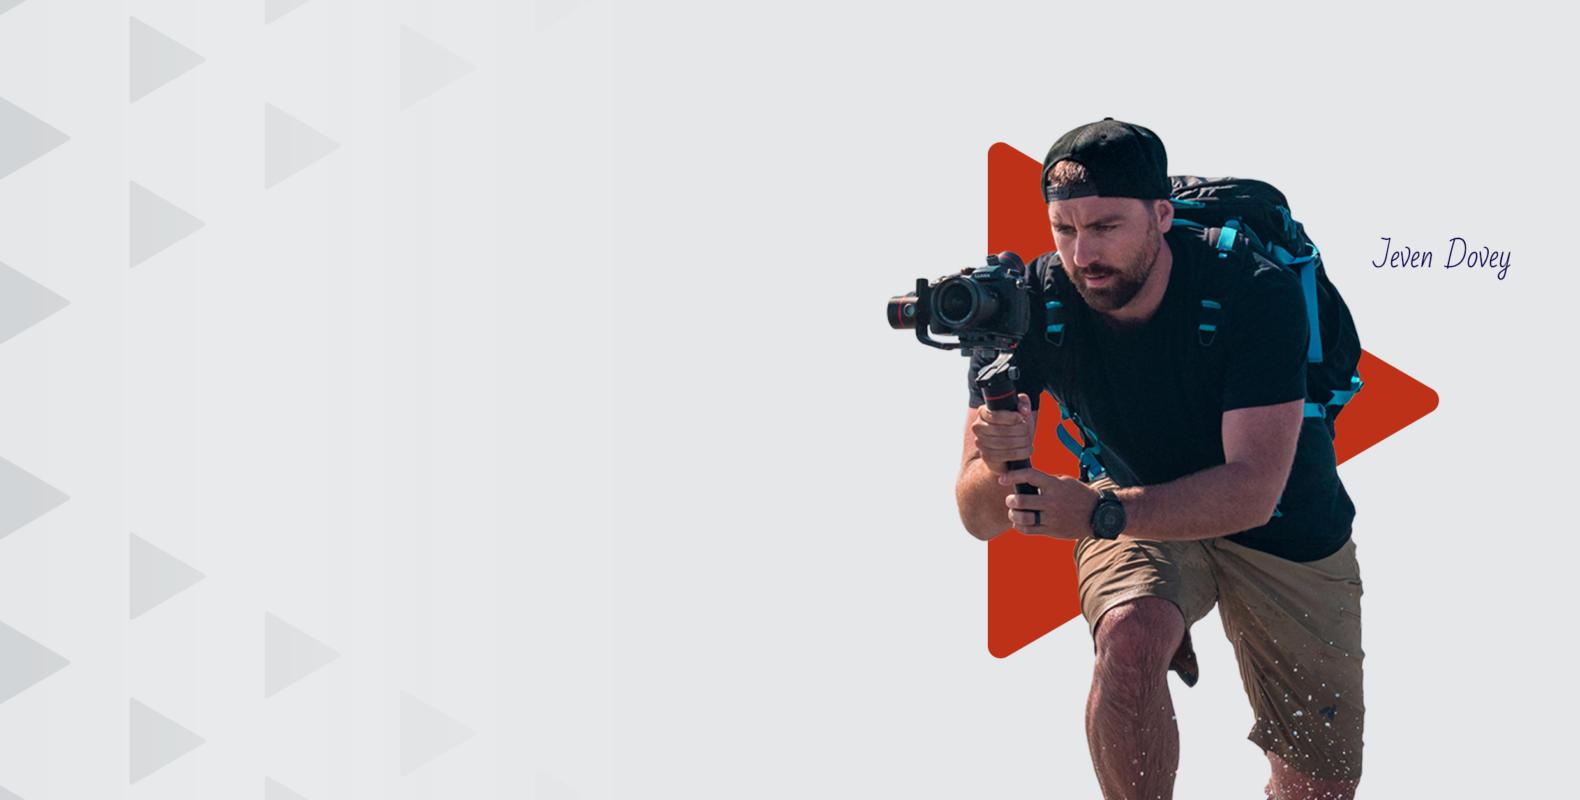 Jeven YouTube Creator Summit